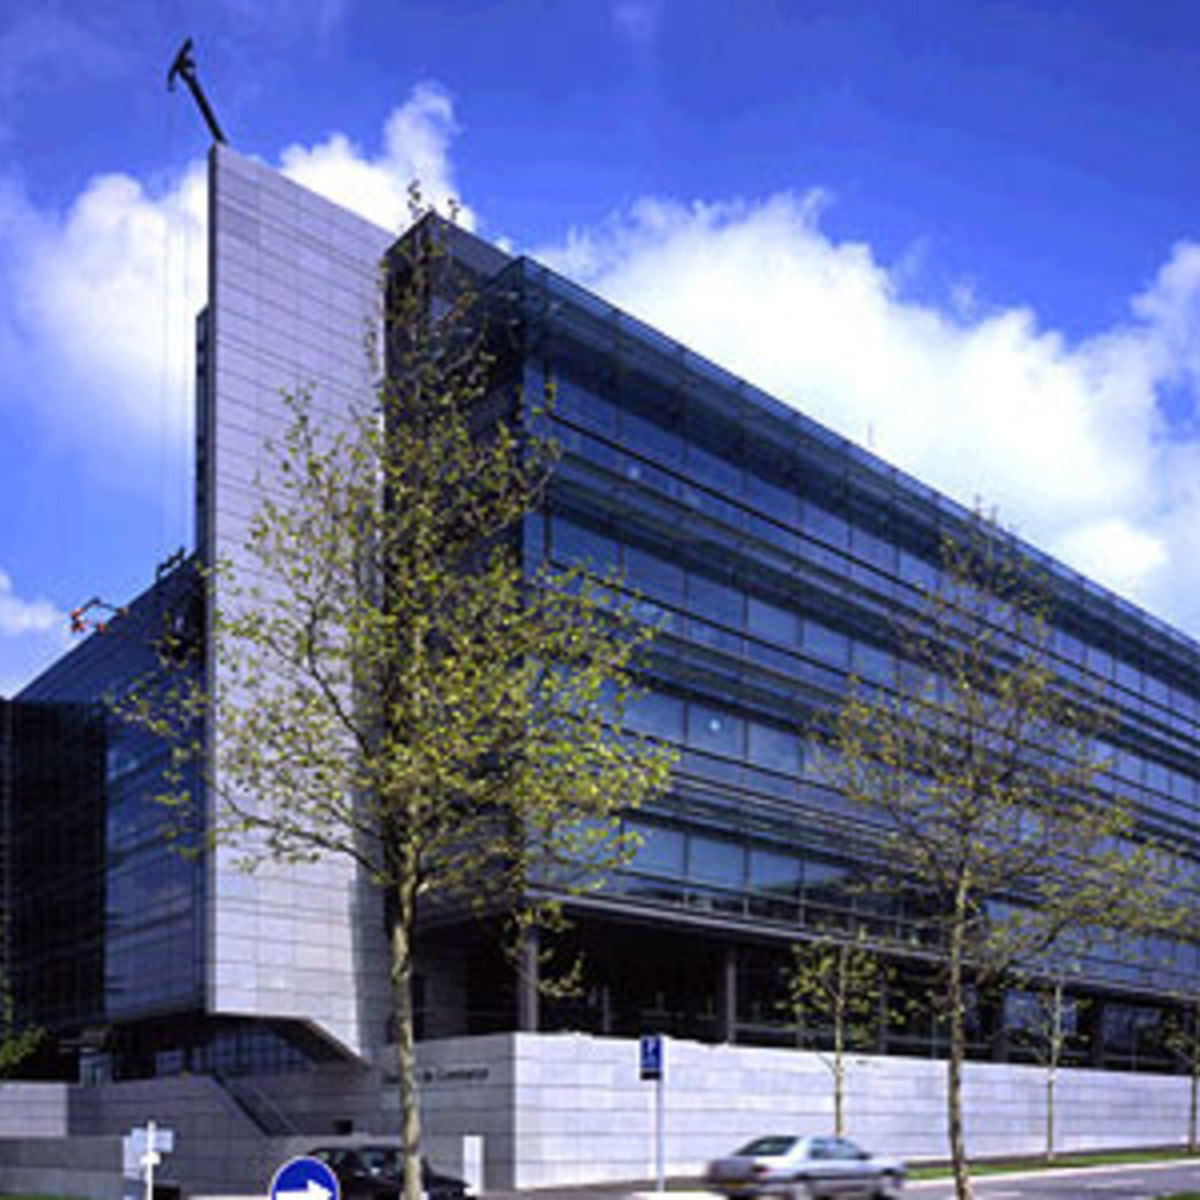 Chambre de commerce du luxembourg claude vasconi 2004 - Chambre de commerce luxembourg apprentissage ...